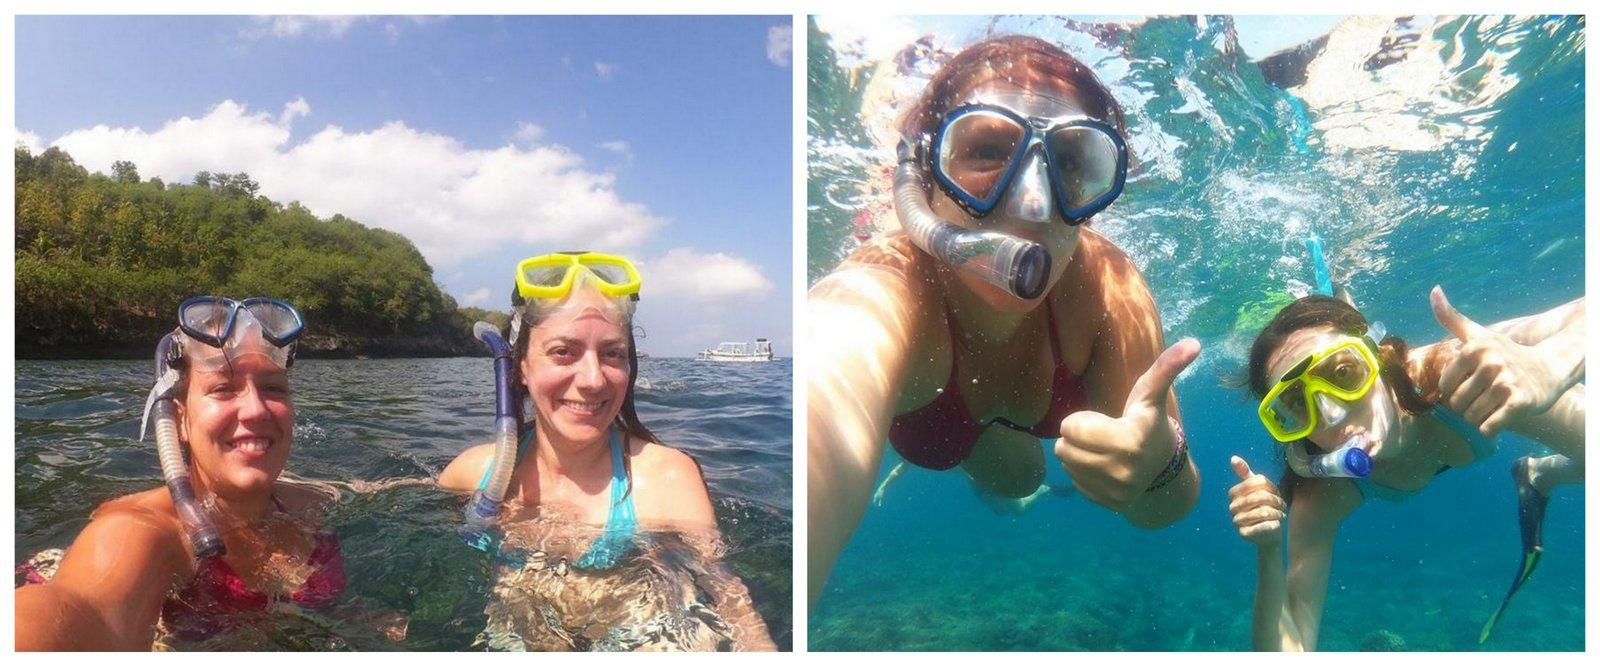 Snorkeling en Nusa Lembongan. Crédito de la foto: Lucie Aidart, Voyages et Vagabondages